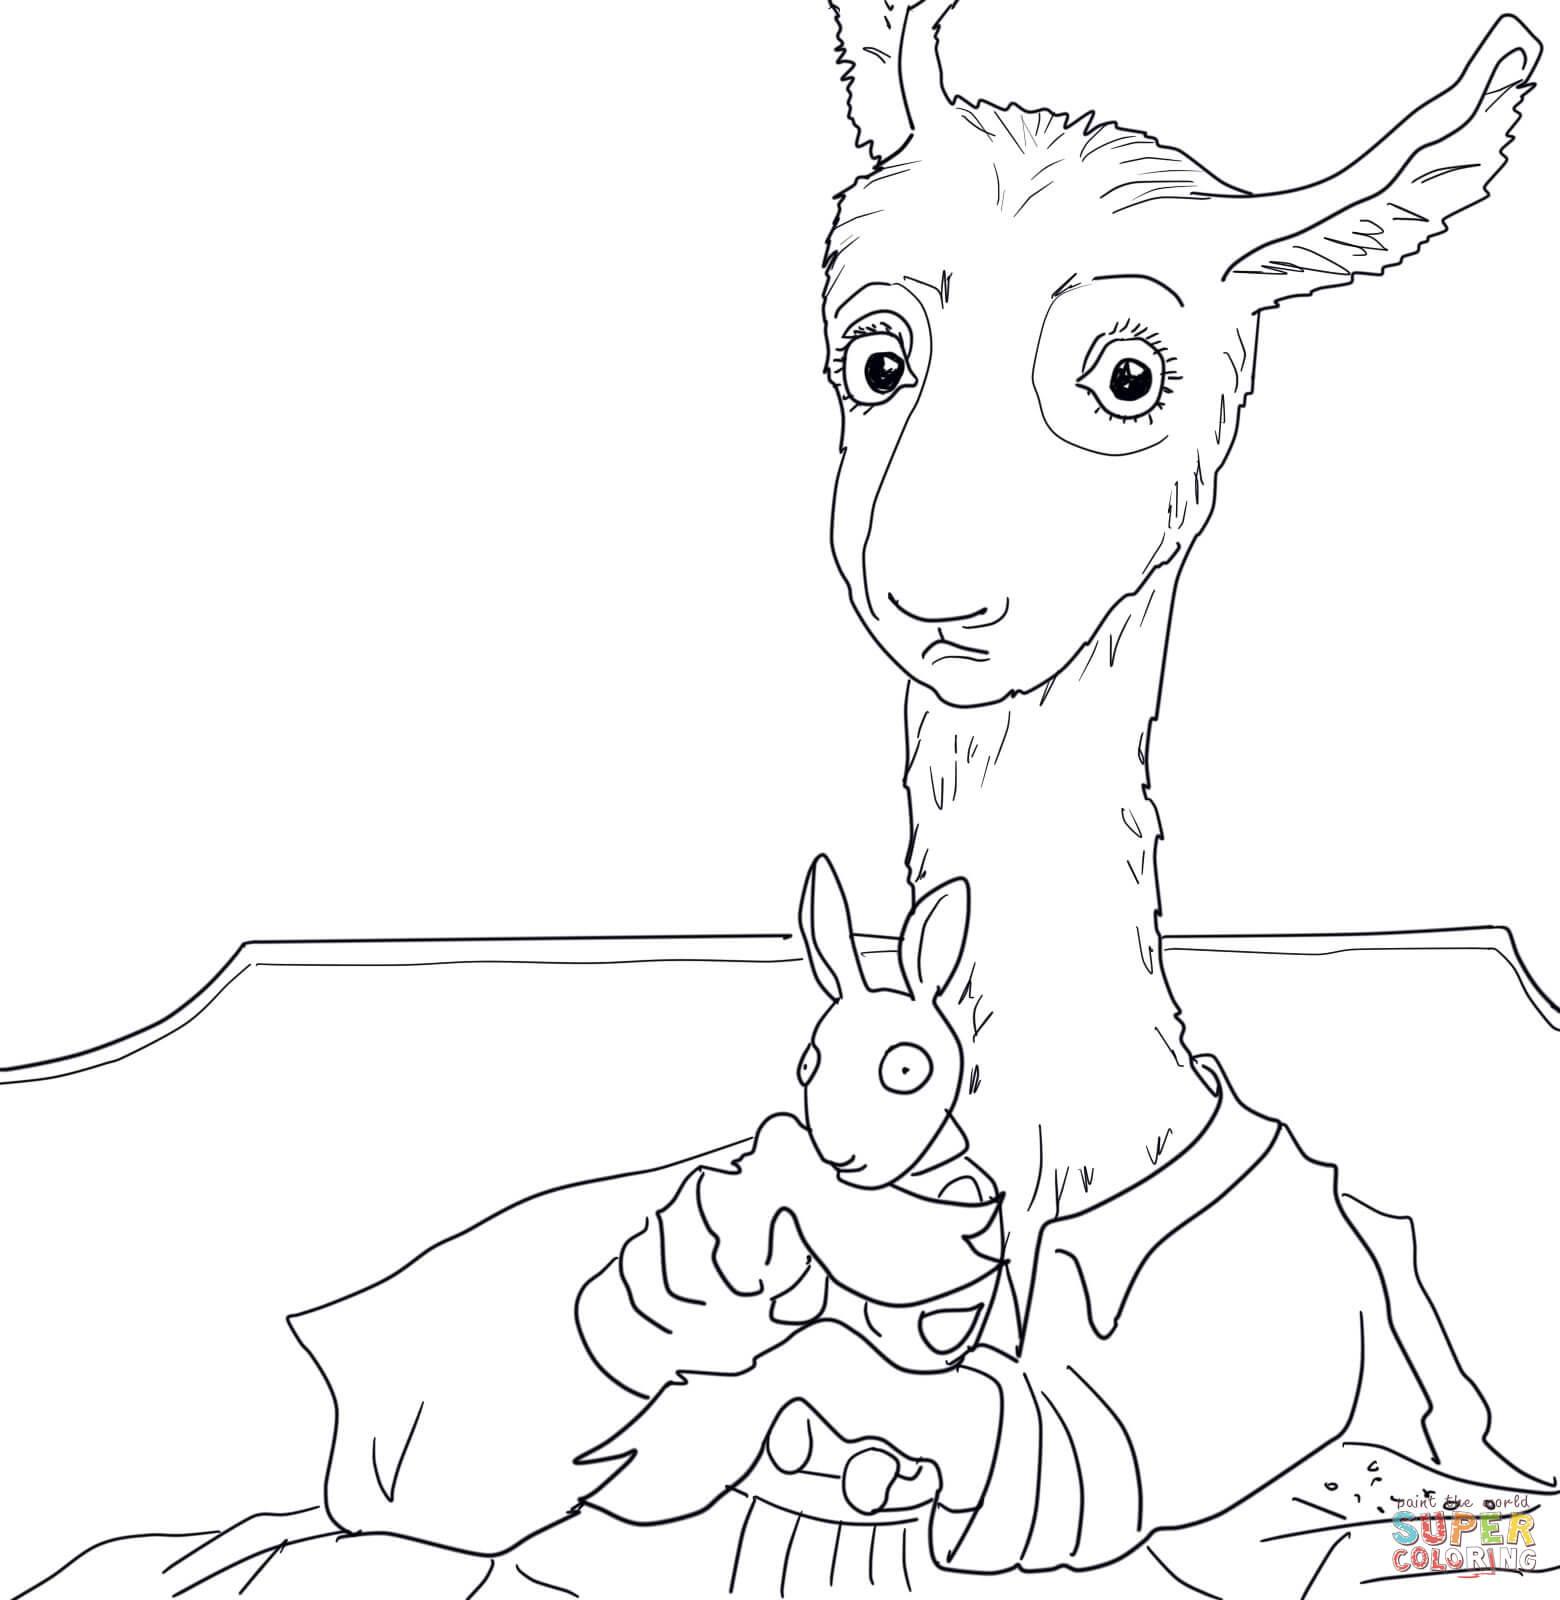 1560x1600 Superman Alpaca Coloring Page Wecoloringpage Fine Llama